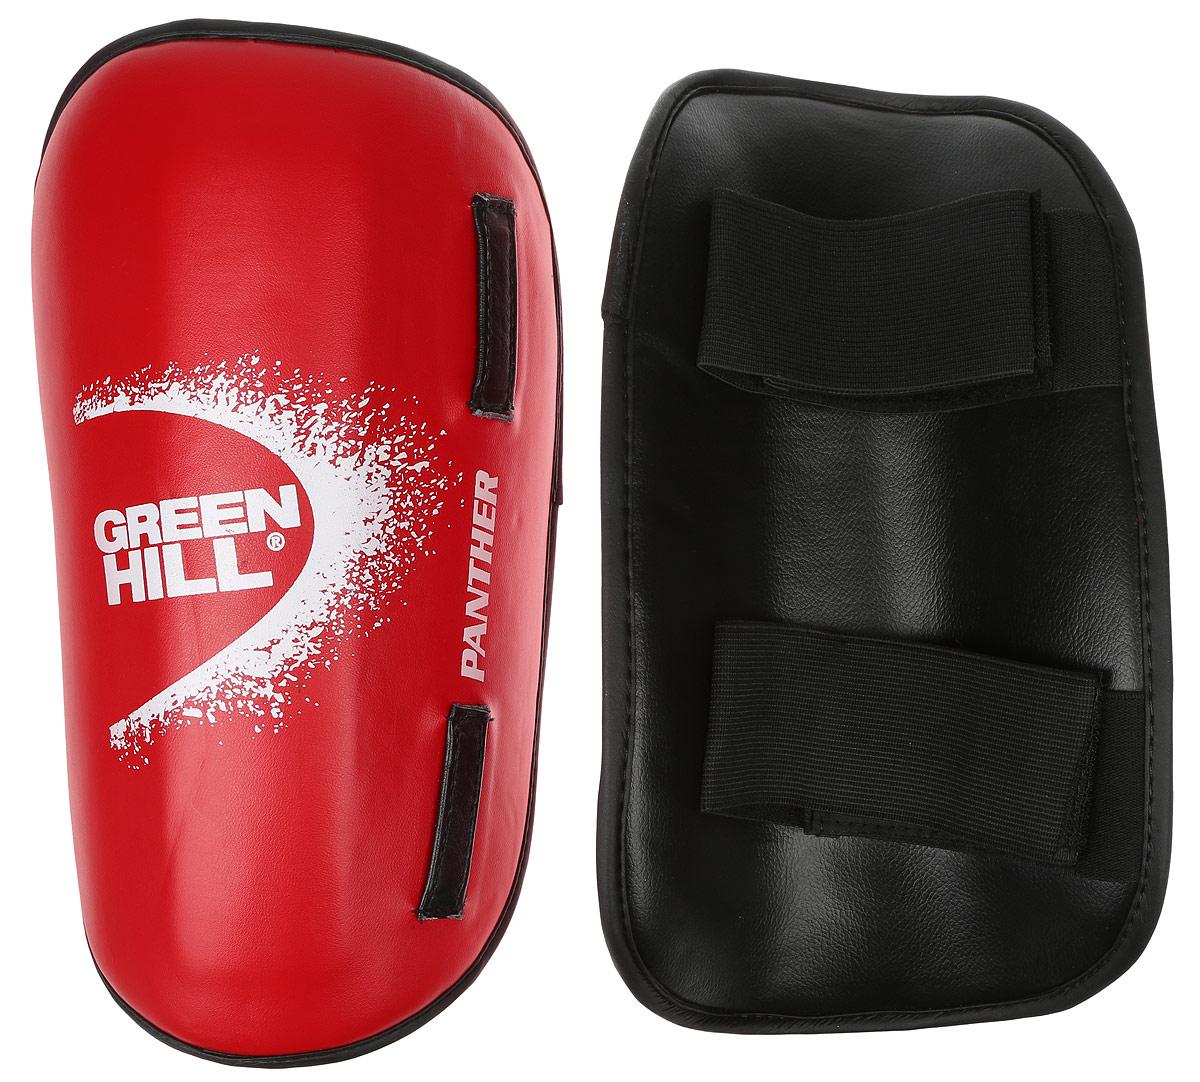 Защита голени Green Hill Panther, цвет: красный, белый. Размер S. SPP-2124SPP-2124Защита голени Green Hill Panther с наполнителем, выполненным из вспененного полимера, необходима при занятиях спортом для защиты суставов от вывихов, ушибов и прочих повреждений. Накладки выполнены из высококачественной искусственной кожи. Закрепляются на ноге при помощи эластичных лент и липучек.Длина голени: 30 см.Ширина голени: 15 см.